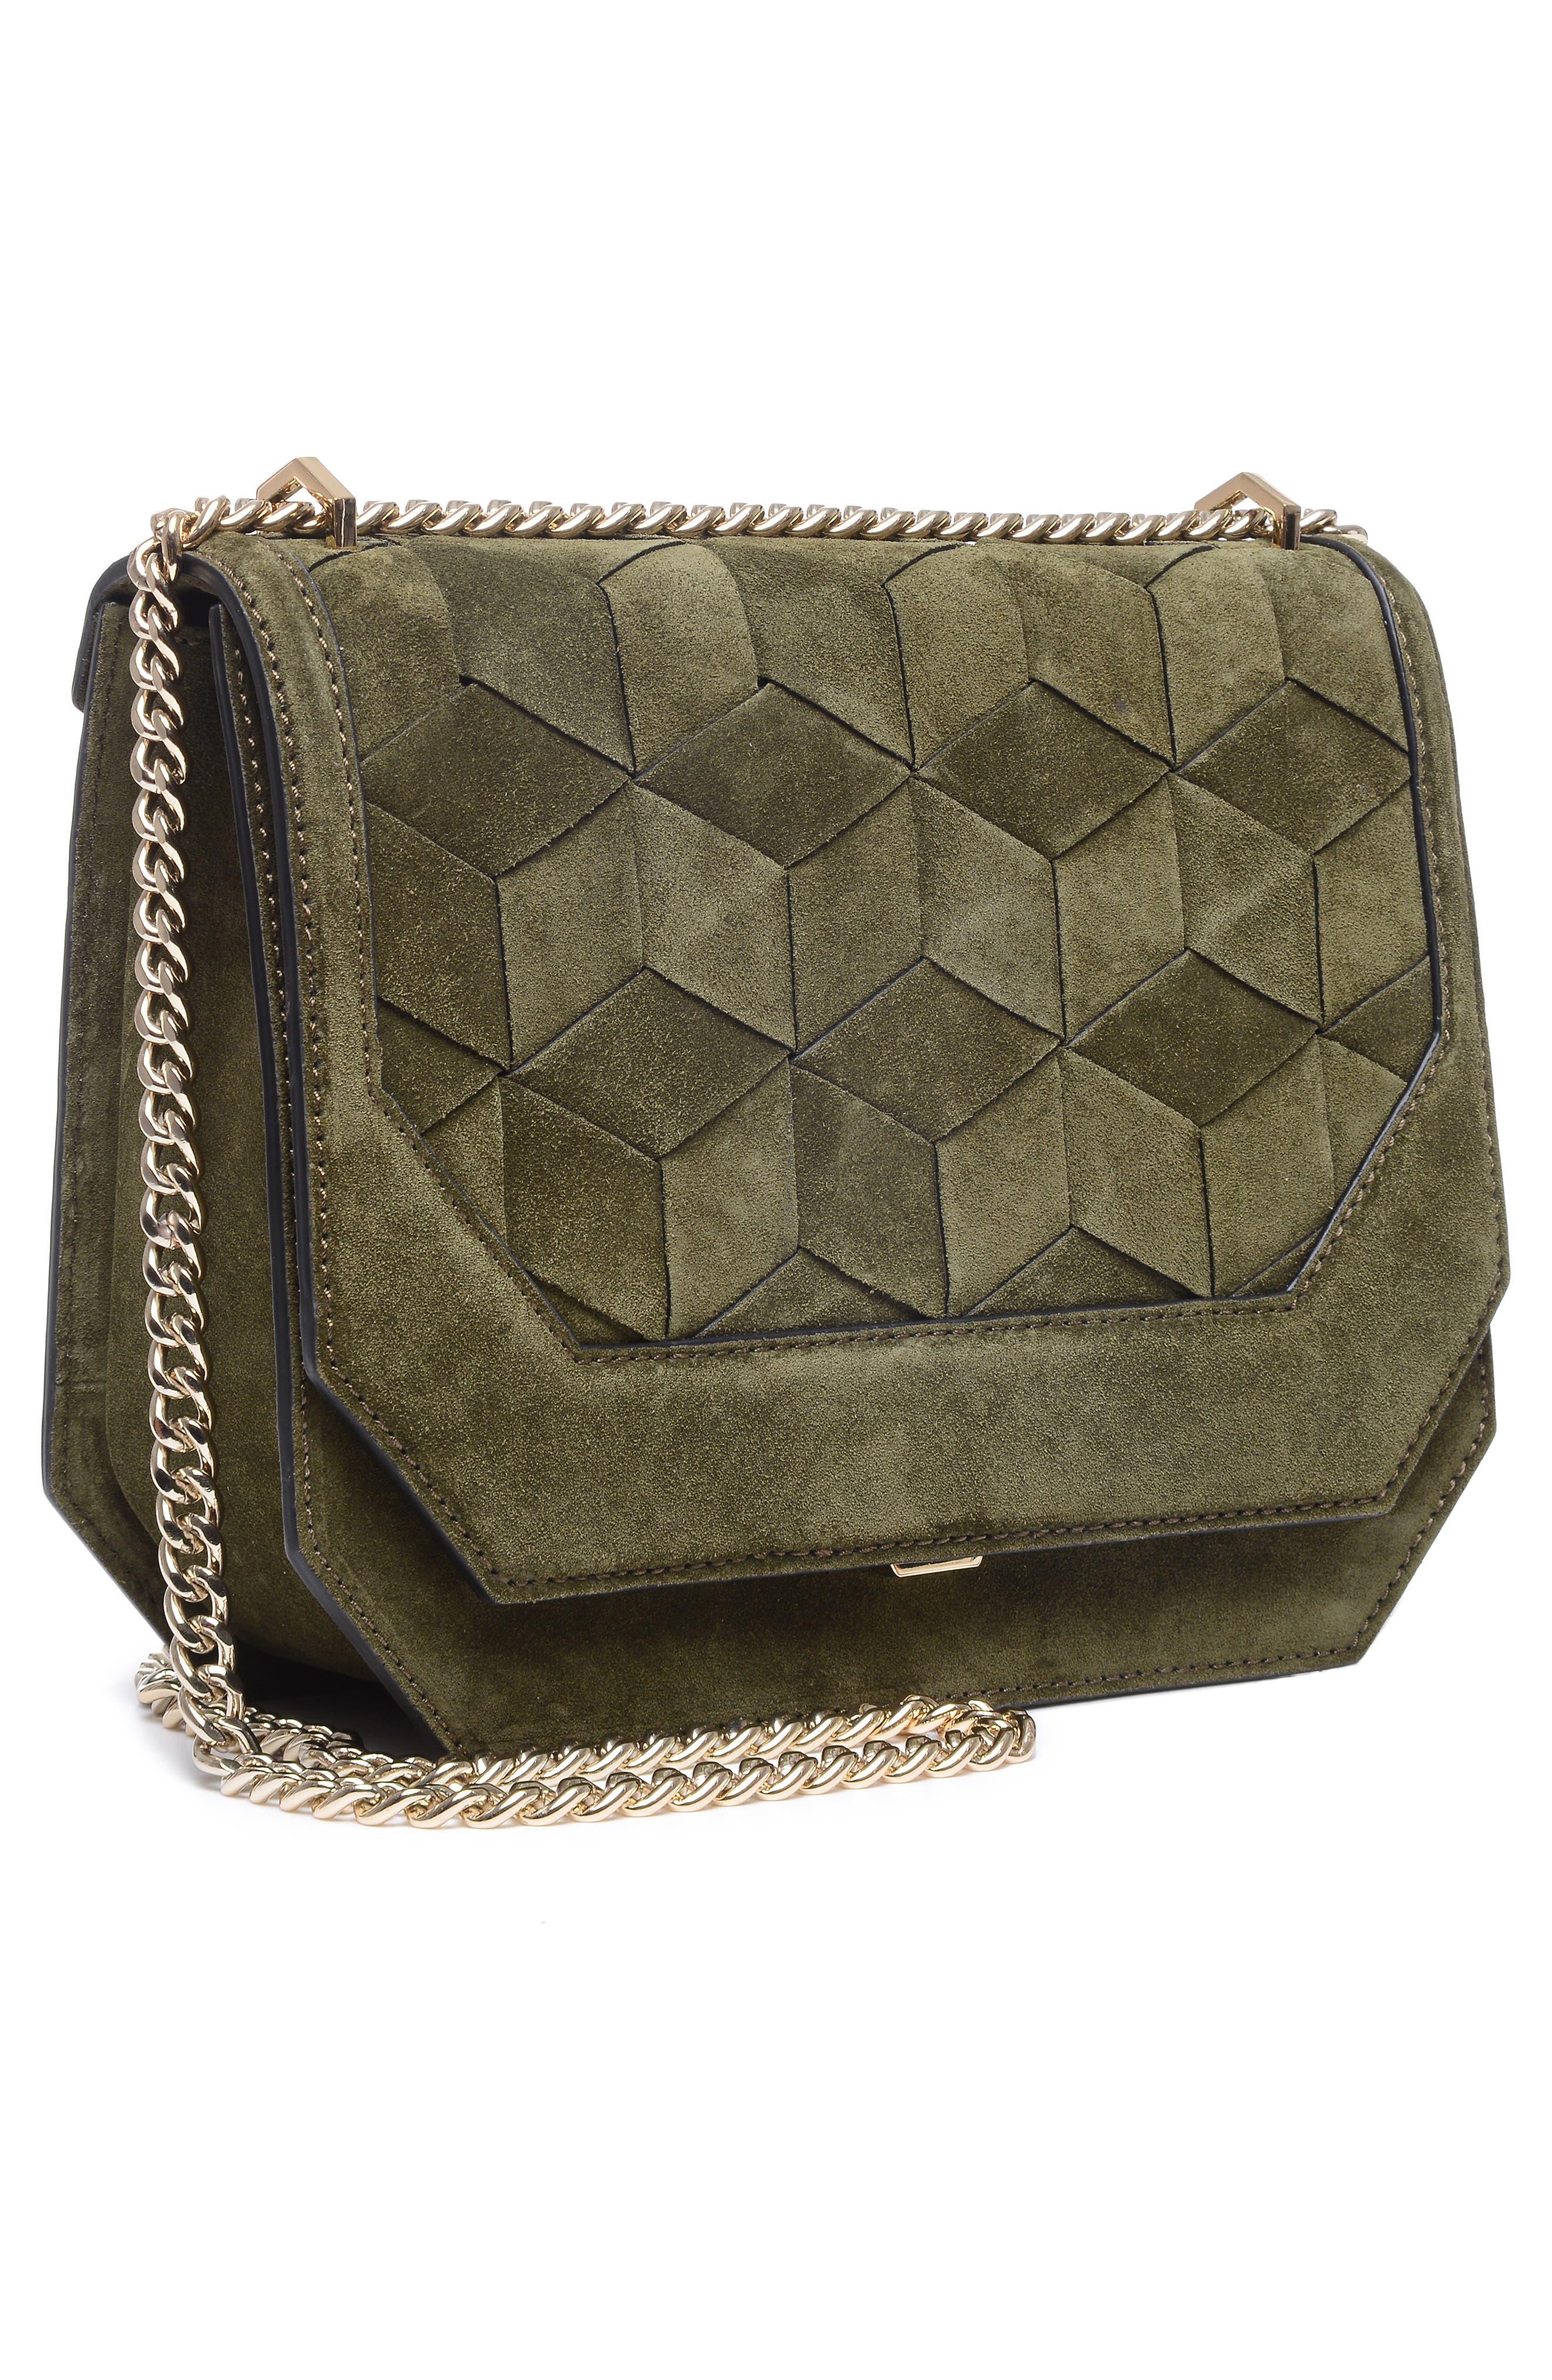 Supine Suede Shoulder Bag,                             Alternate thumbnail 6, color,                             300